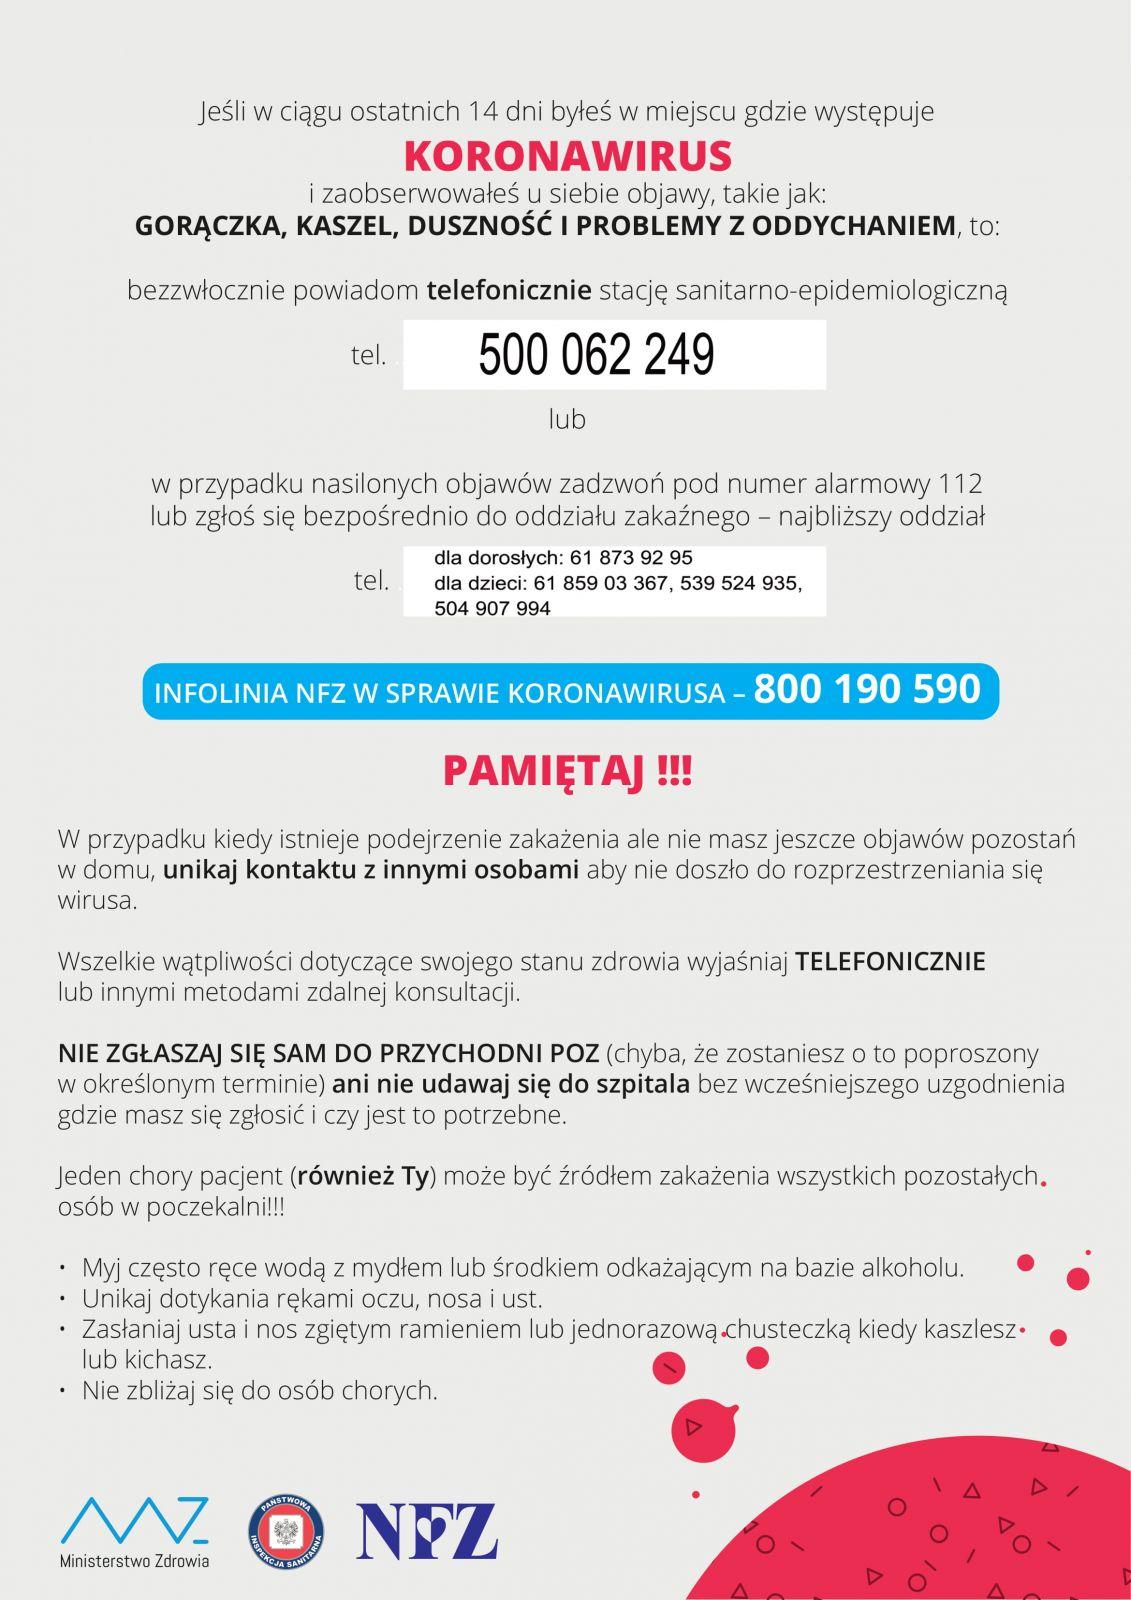 Informacja o koronawirusie